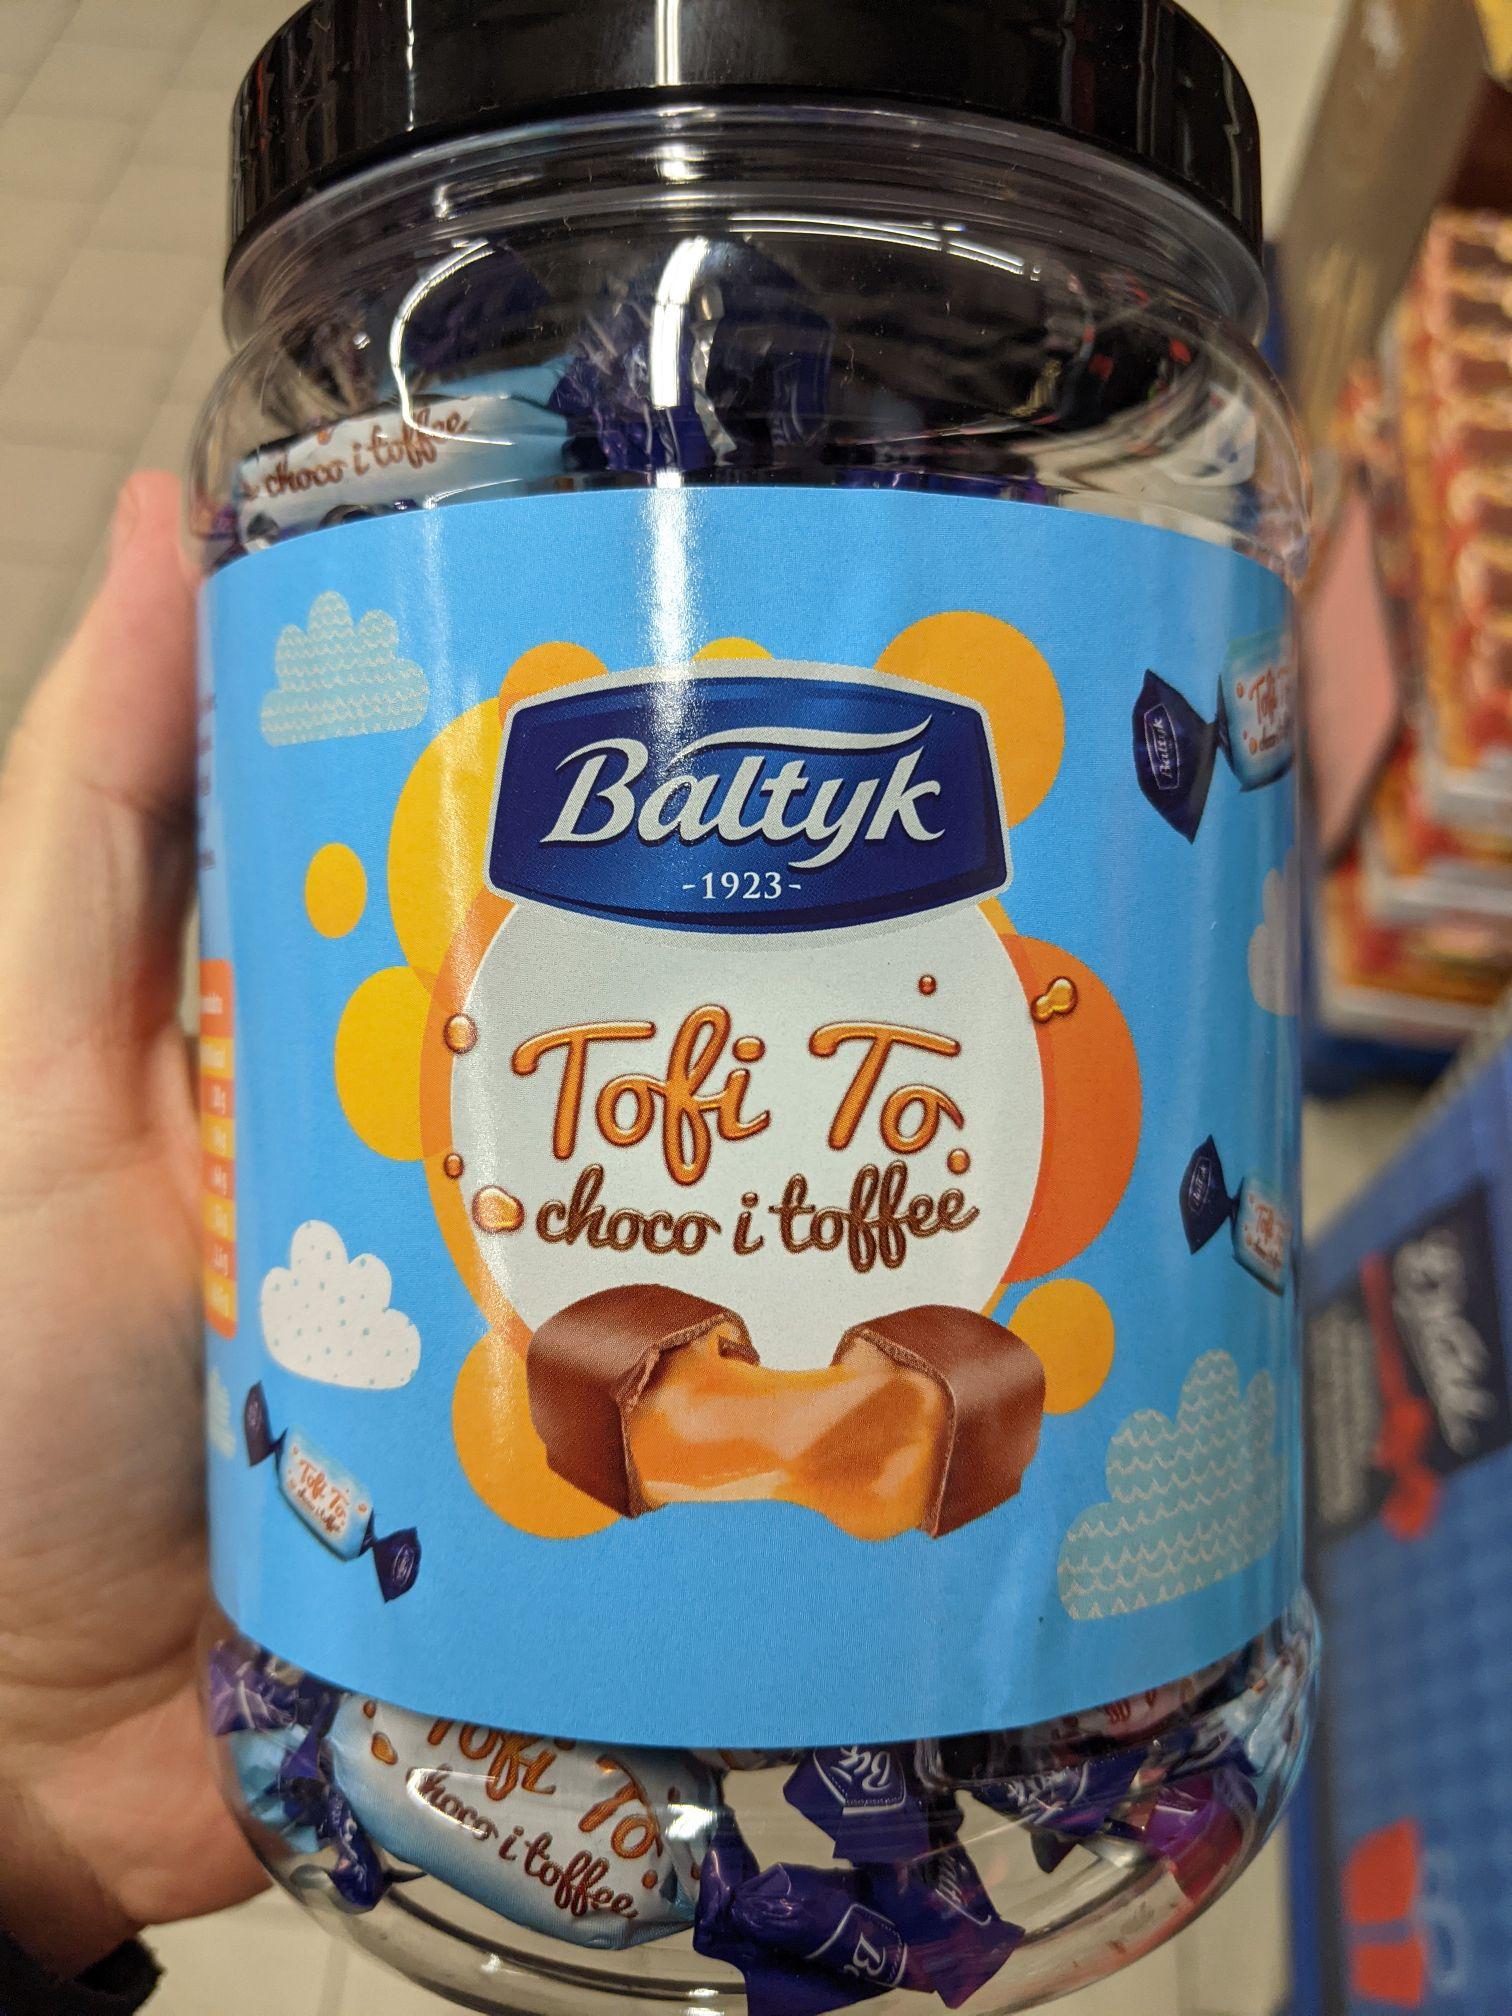 Cukierki Bałtyk 535g, Tofi To, Fantazja Koktajlowa, Likworki Gdańskie. Kaufland Sosnowiec